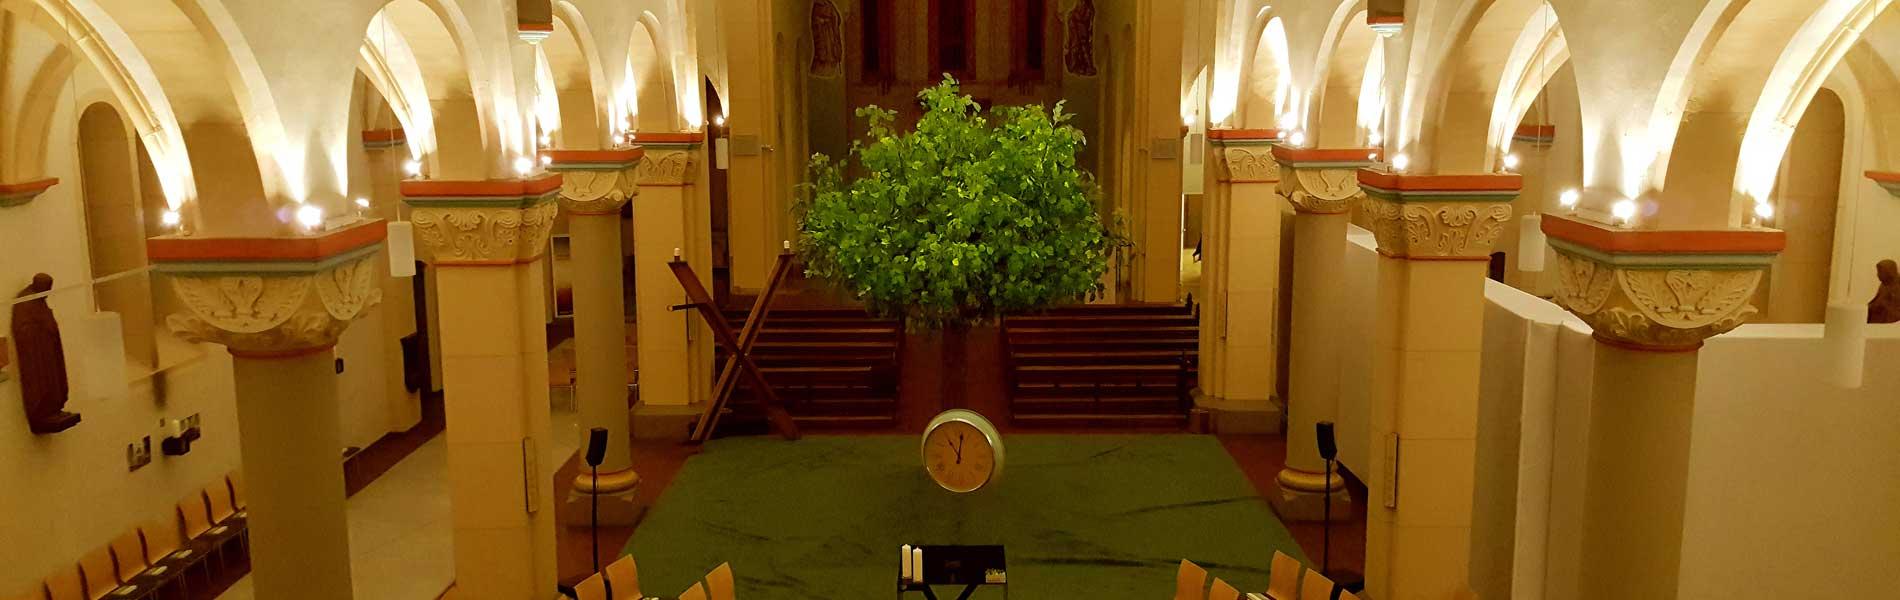 Künstlicher Lindenbaum in der Liebfrauenkirche Gelsenkirchen